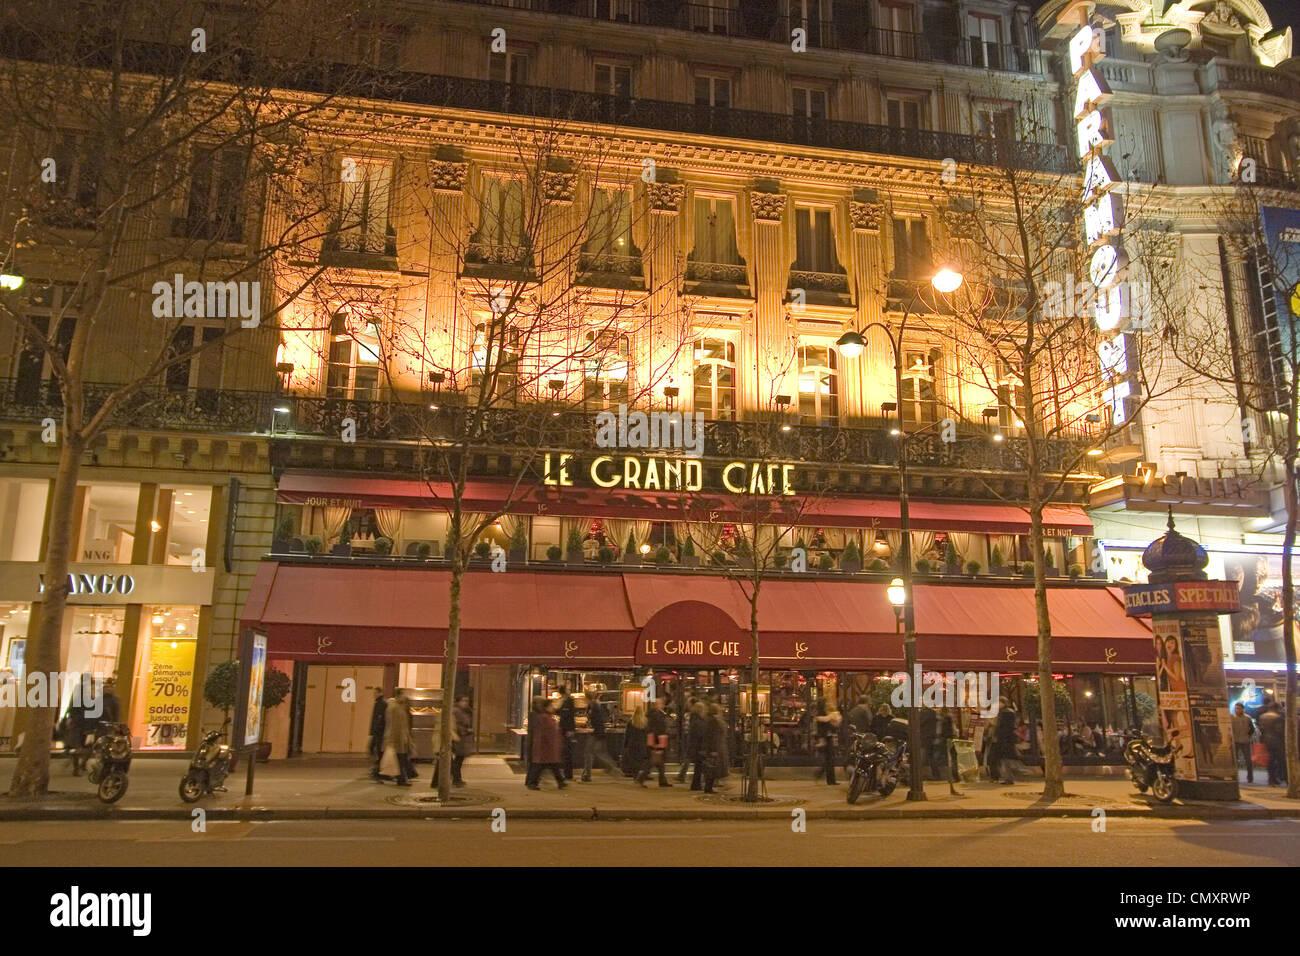 Paris France Le Grand Cafe Bd, Capucines Stock Photo: 47303362 - Alamy